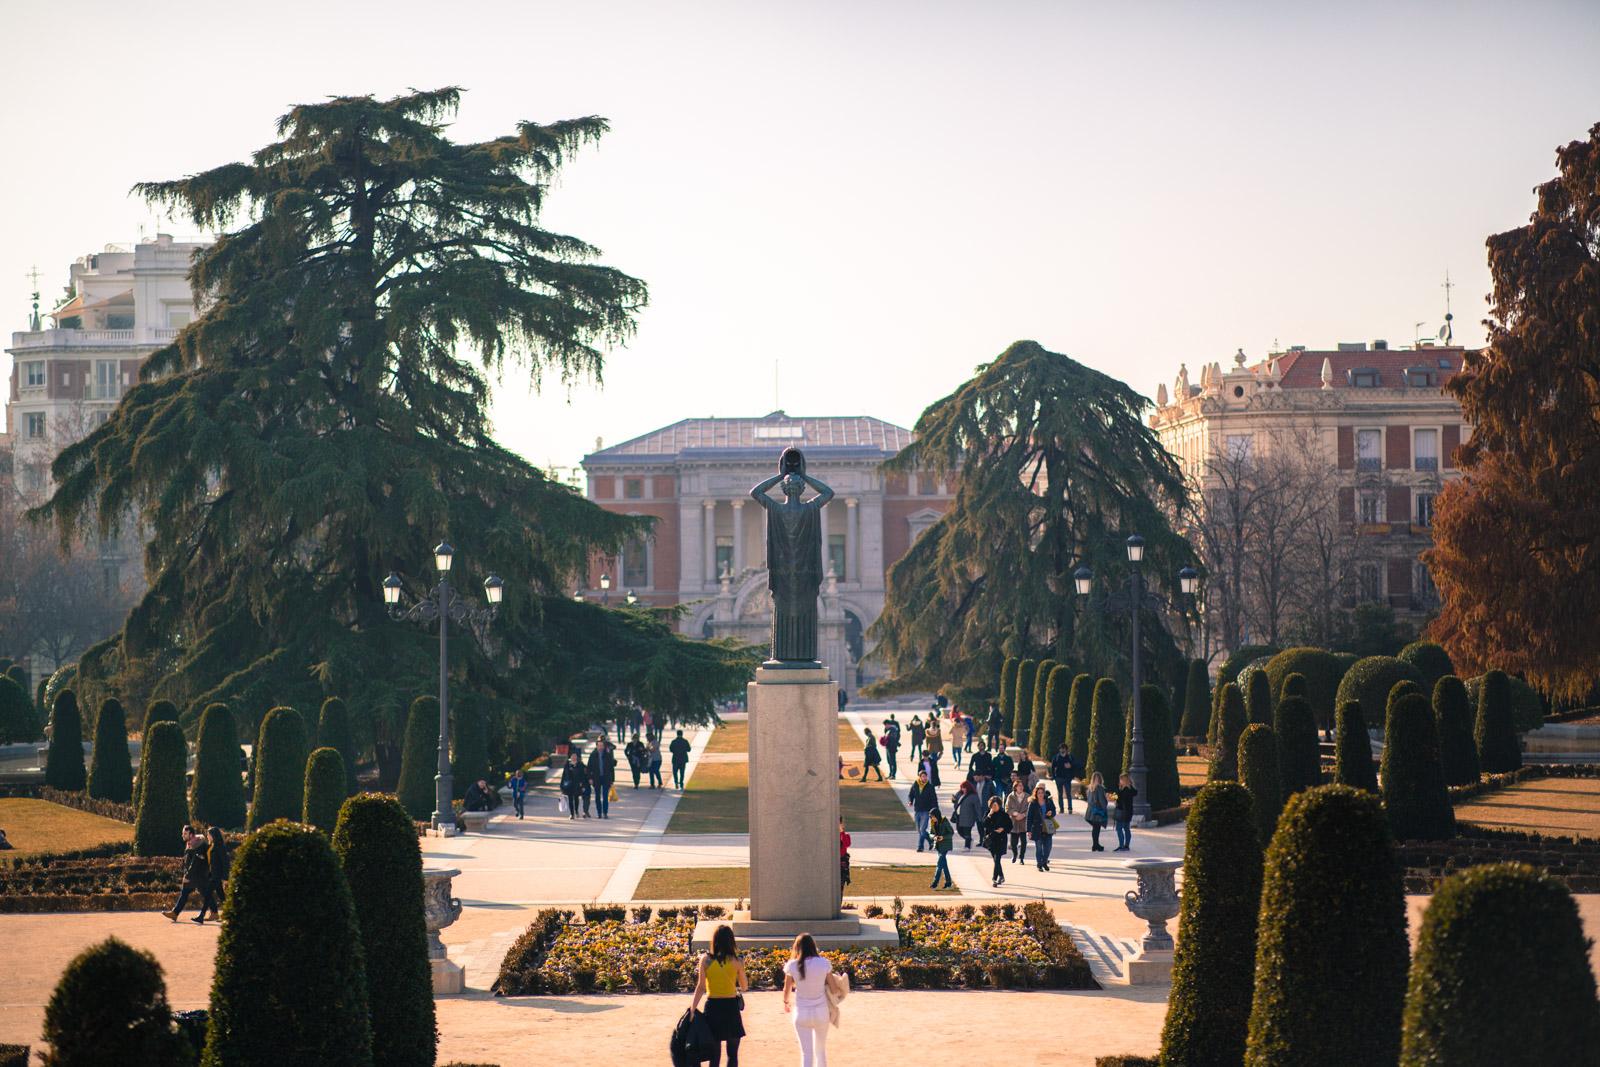 Madrid Parque del Retiro